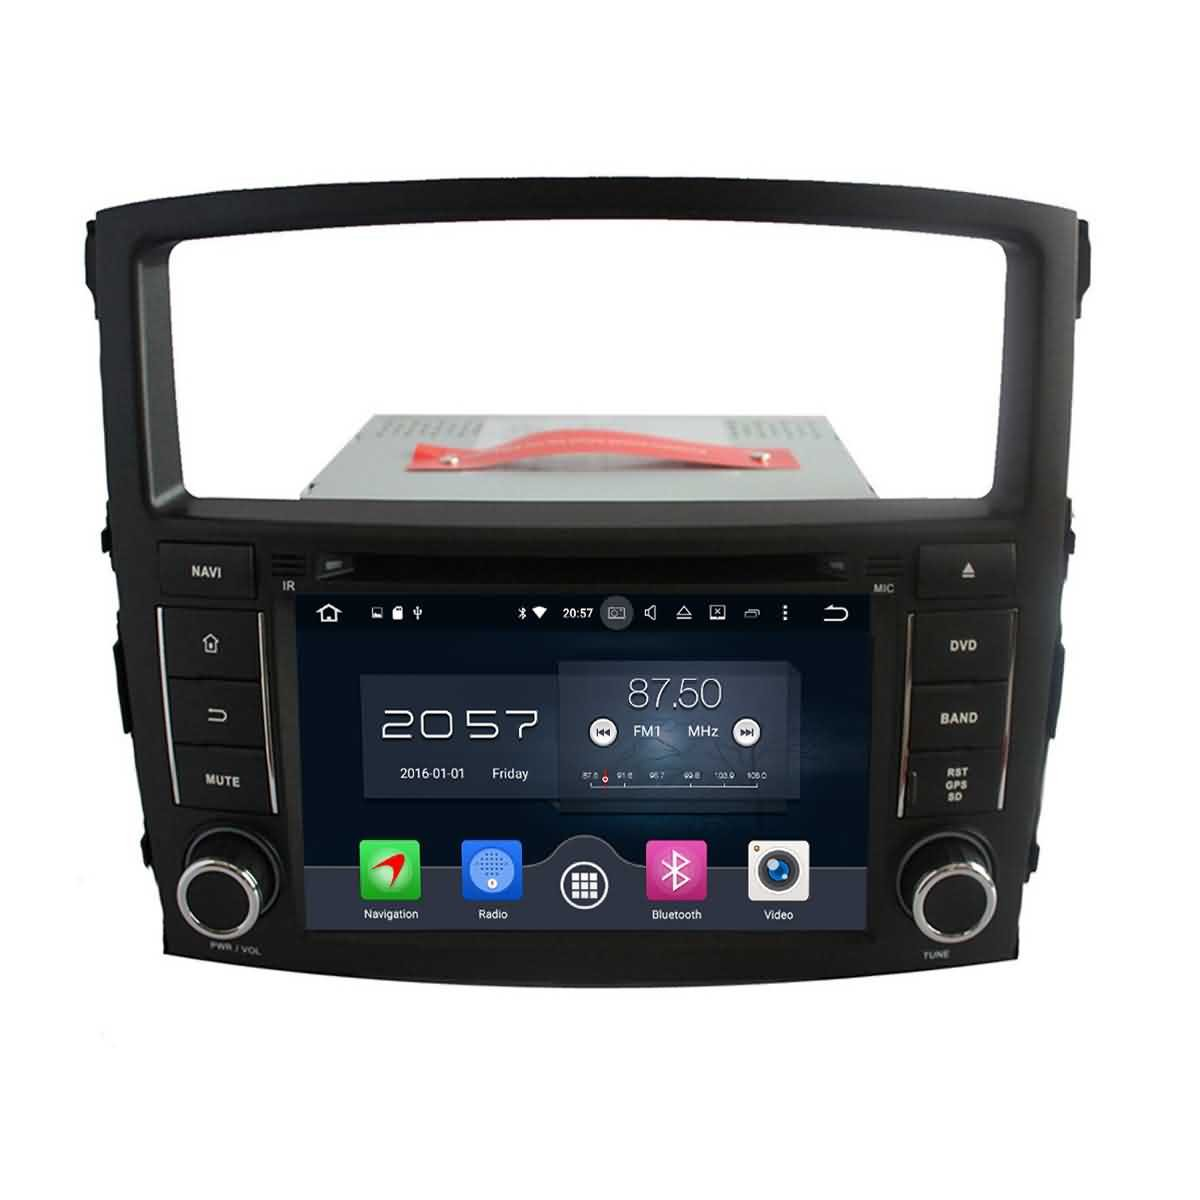 2 Din 7 pouces Android 6.0 OS stéréo de voiture pour Mitsubishi Pajero 2006 2007 2008 2009 2010 2011 2012 2013,DAB+ radio 1024x600 écran tactile capacitif Cortex A53 8 Core 1.5G CPU 2G DDR3 RAM 32G Flash